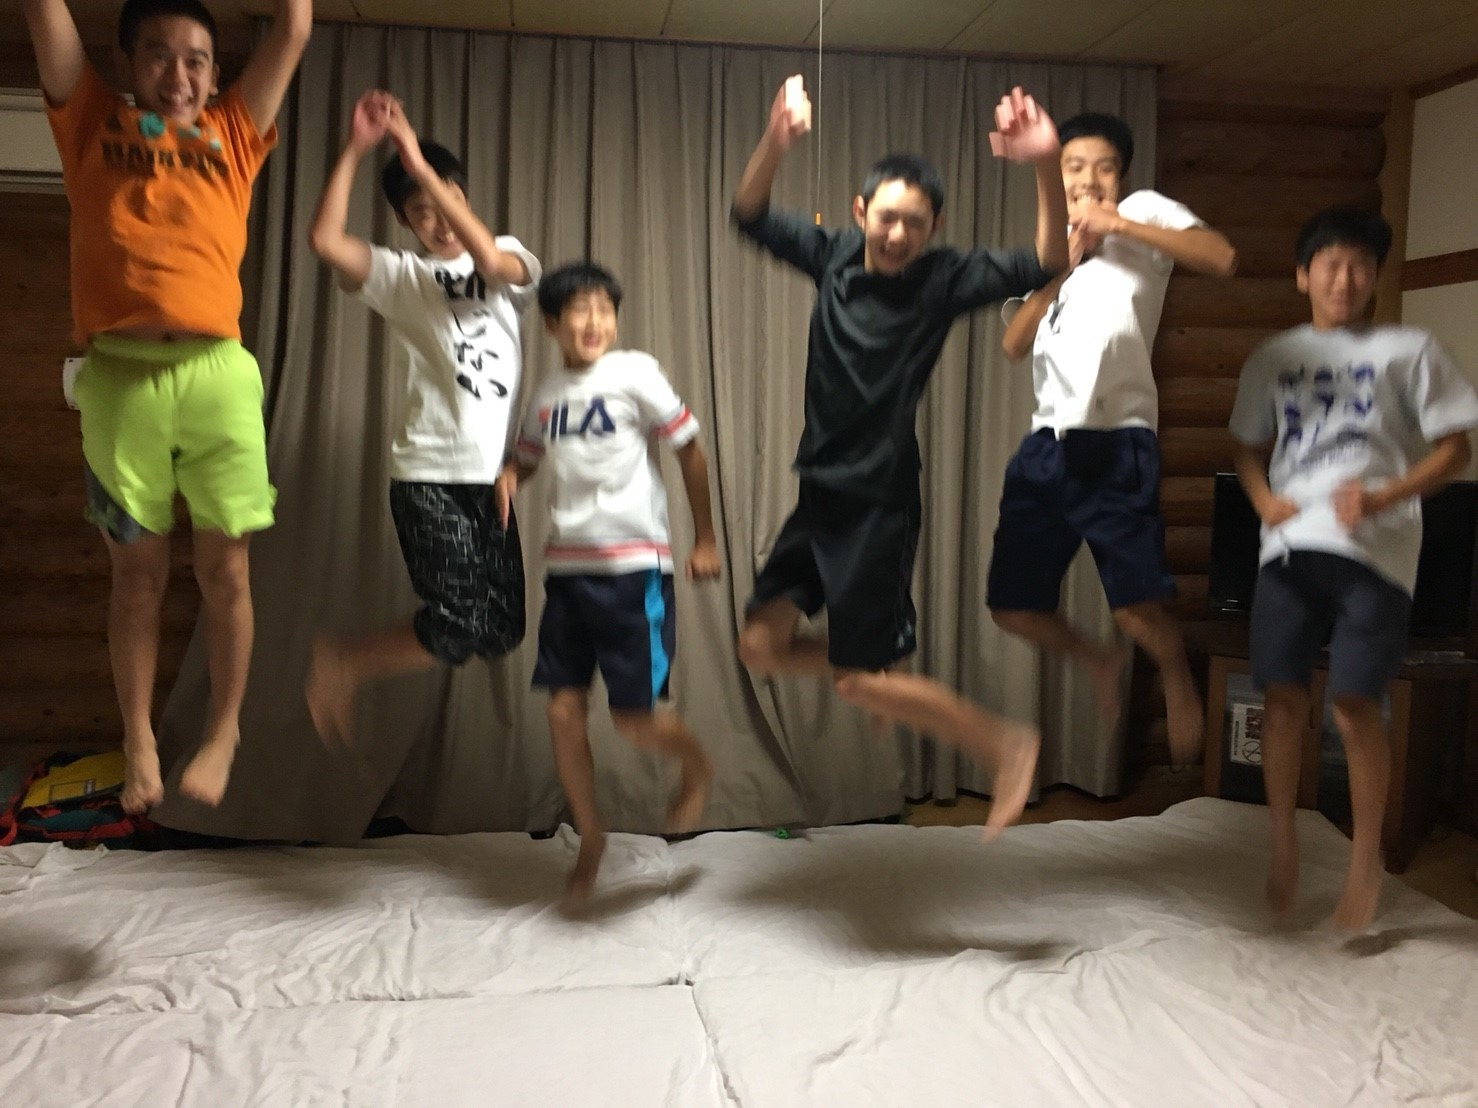 中3宮崎夏合宿 4日目夜の写真_d0116009_13325594.jpg